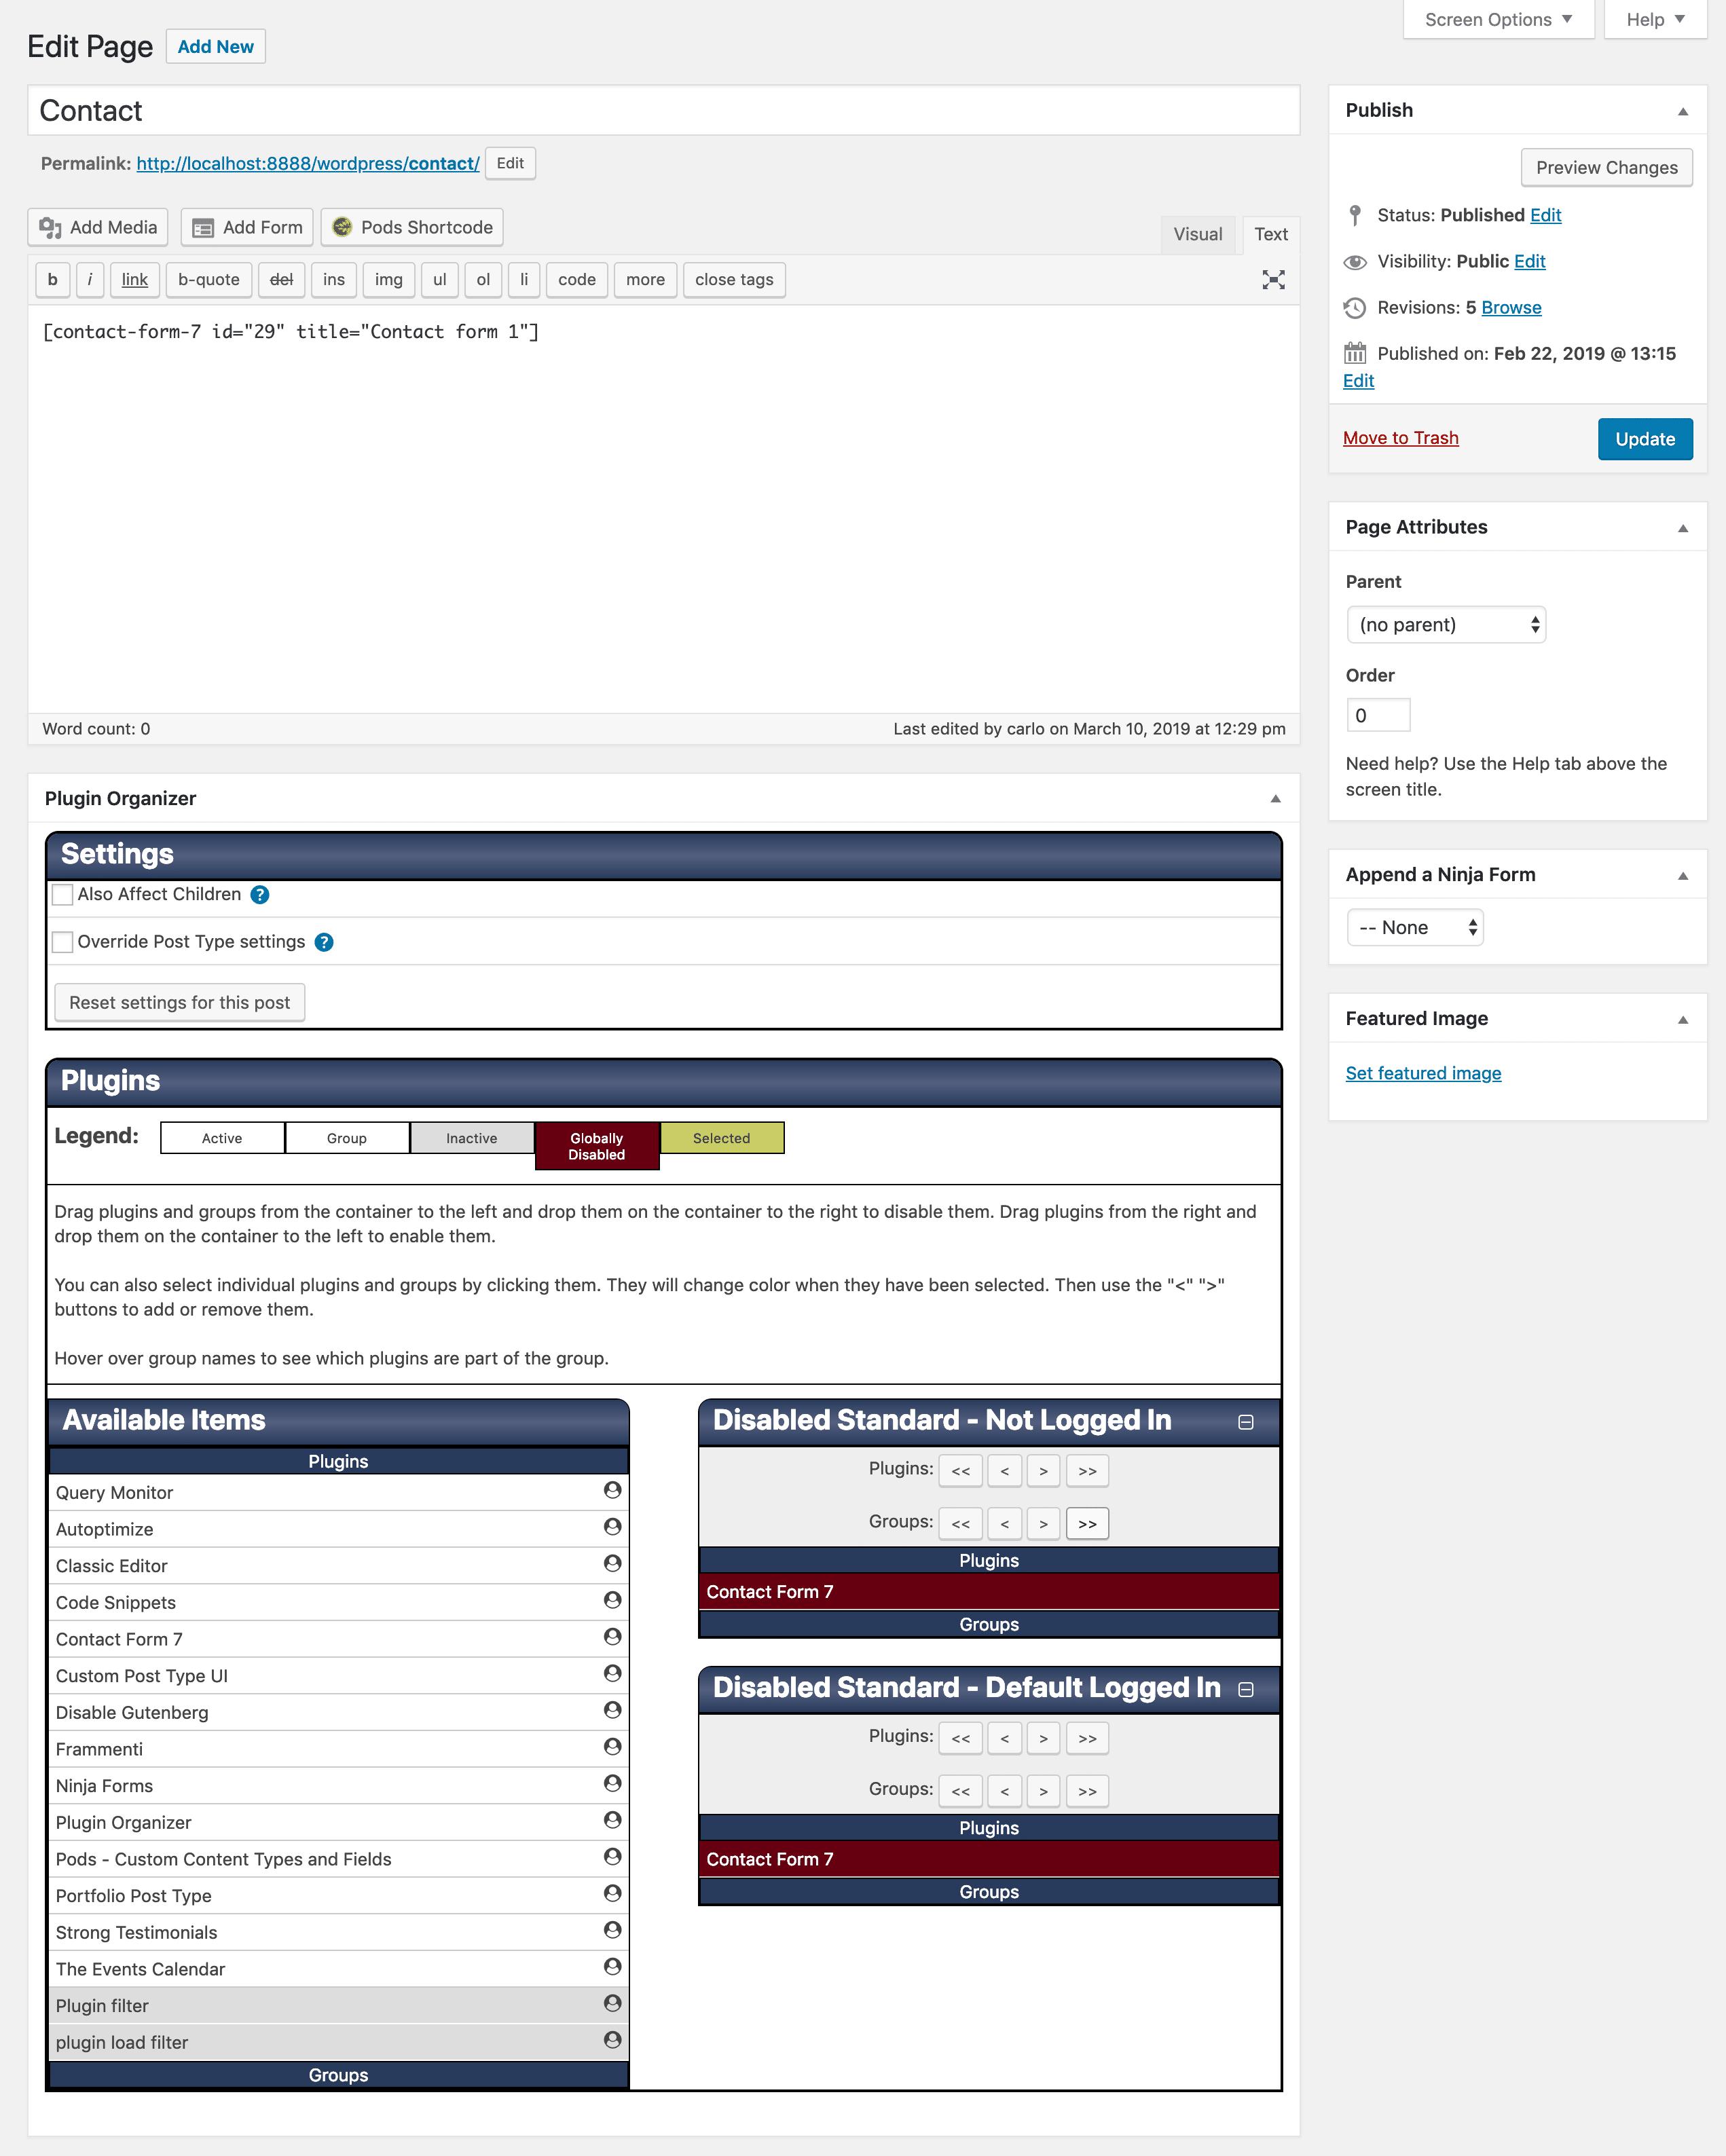 Il custom metabox di Plugin Organizer nella pagina dei contatti